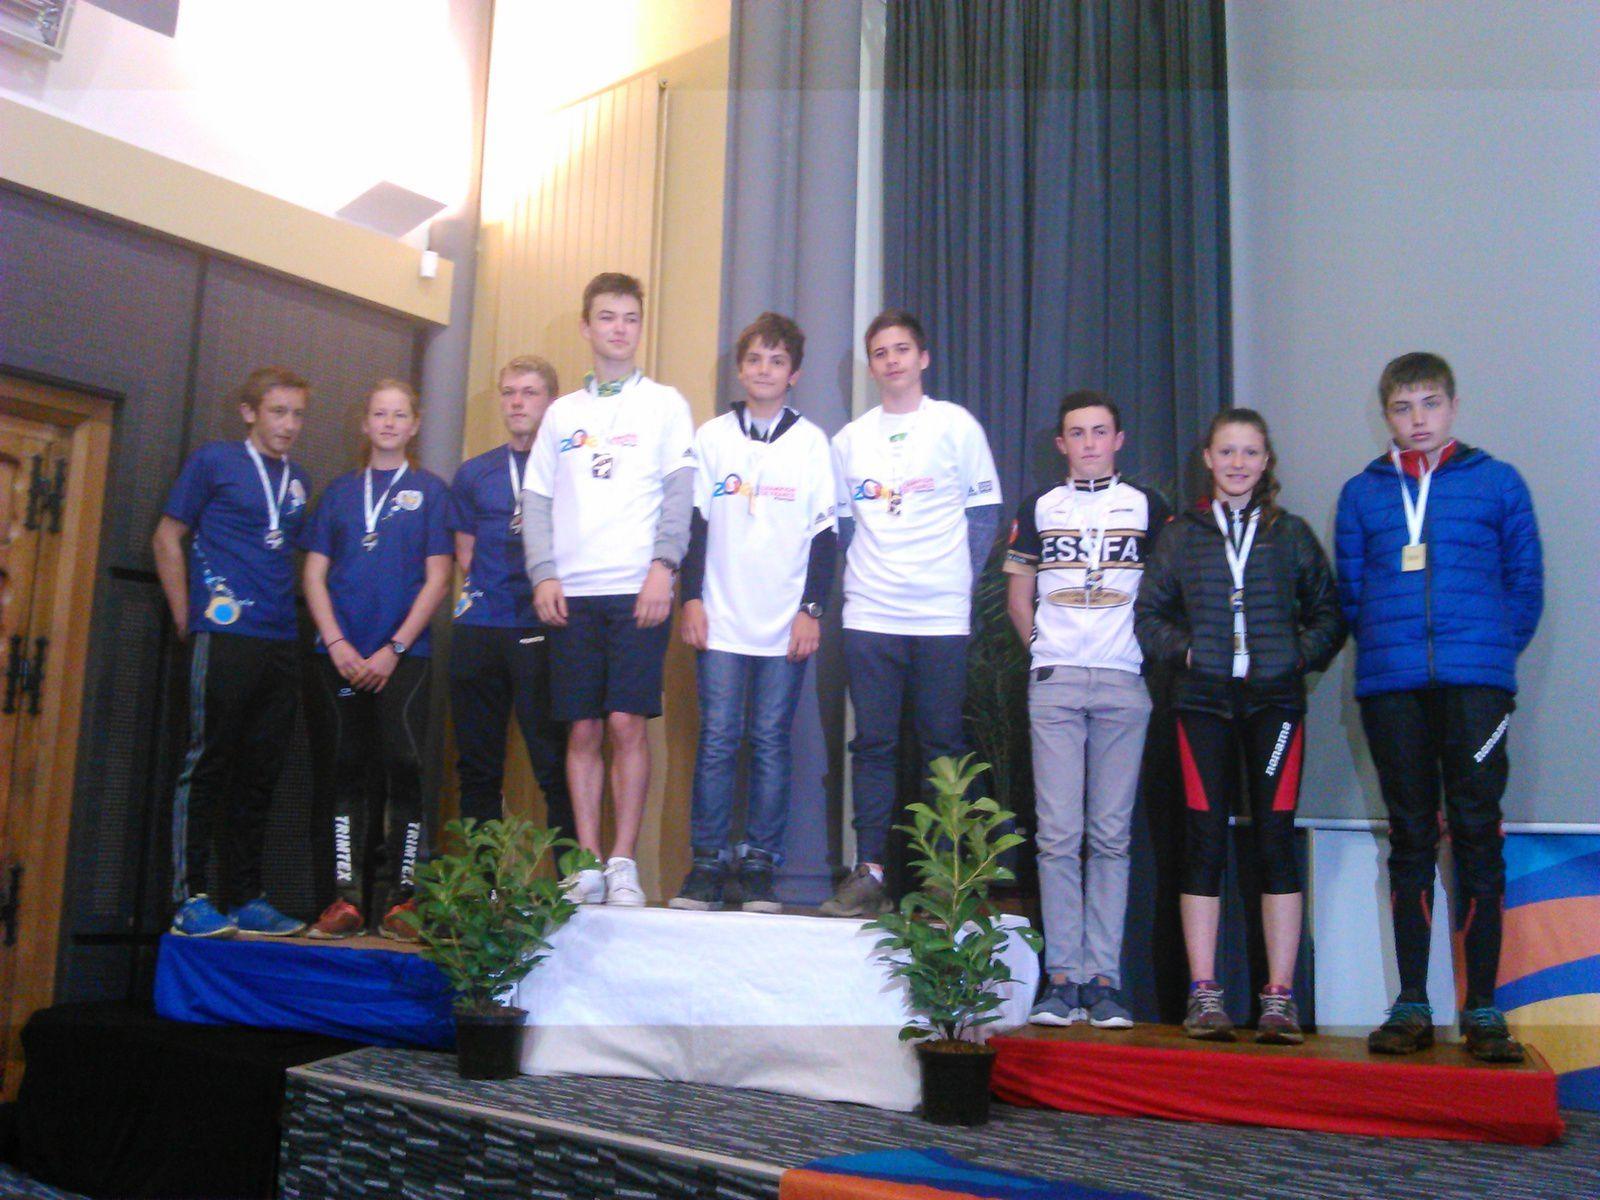 Championnats de France Course d'orientation